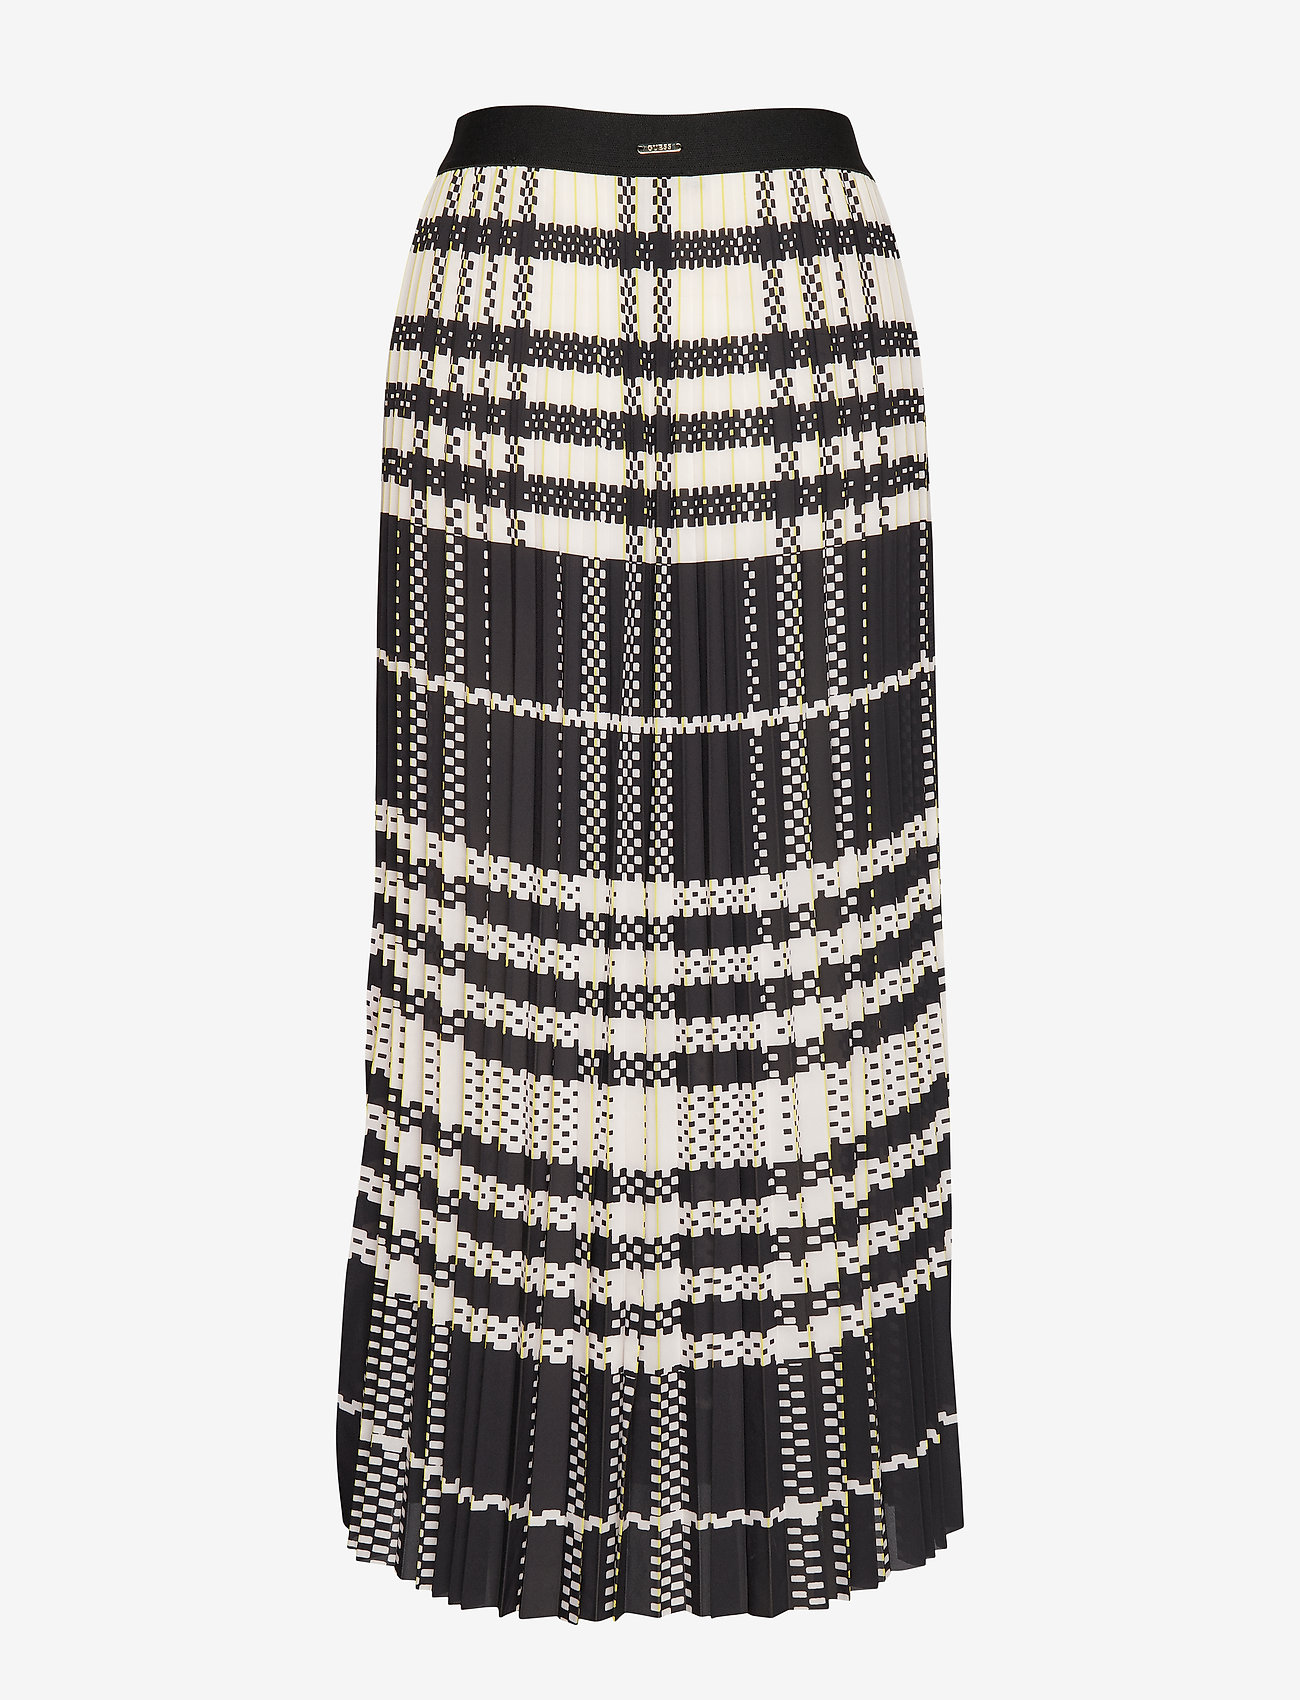 Savina Skirt (Macro Plaid Yello) - GUESS Jeans Y5nZfK